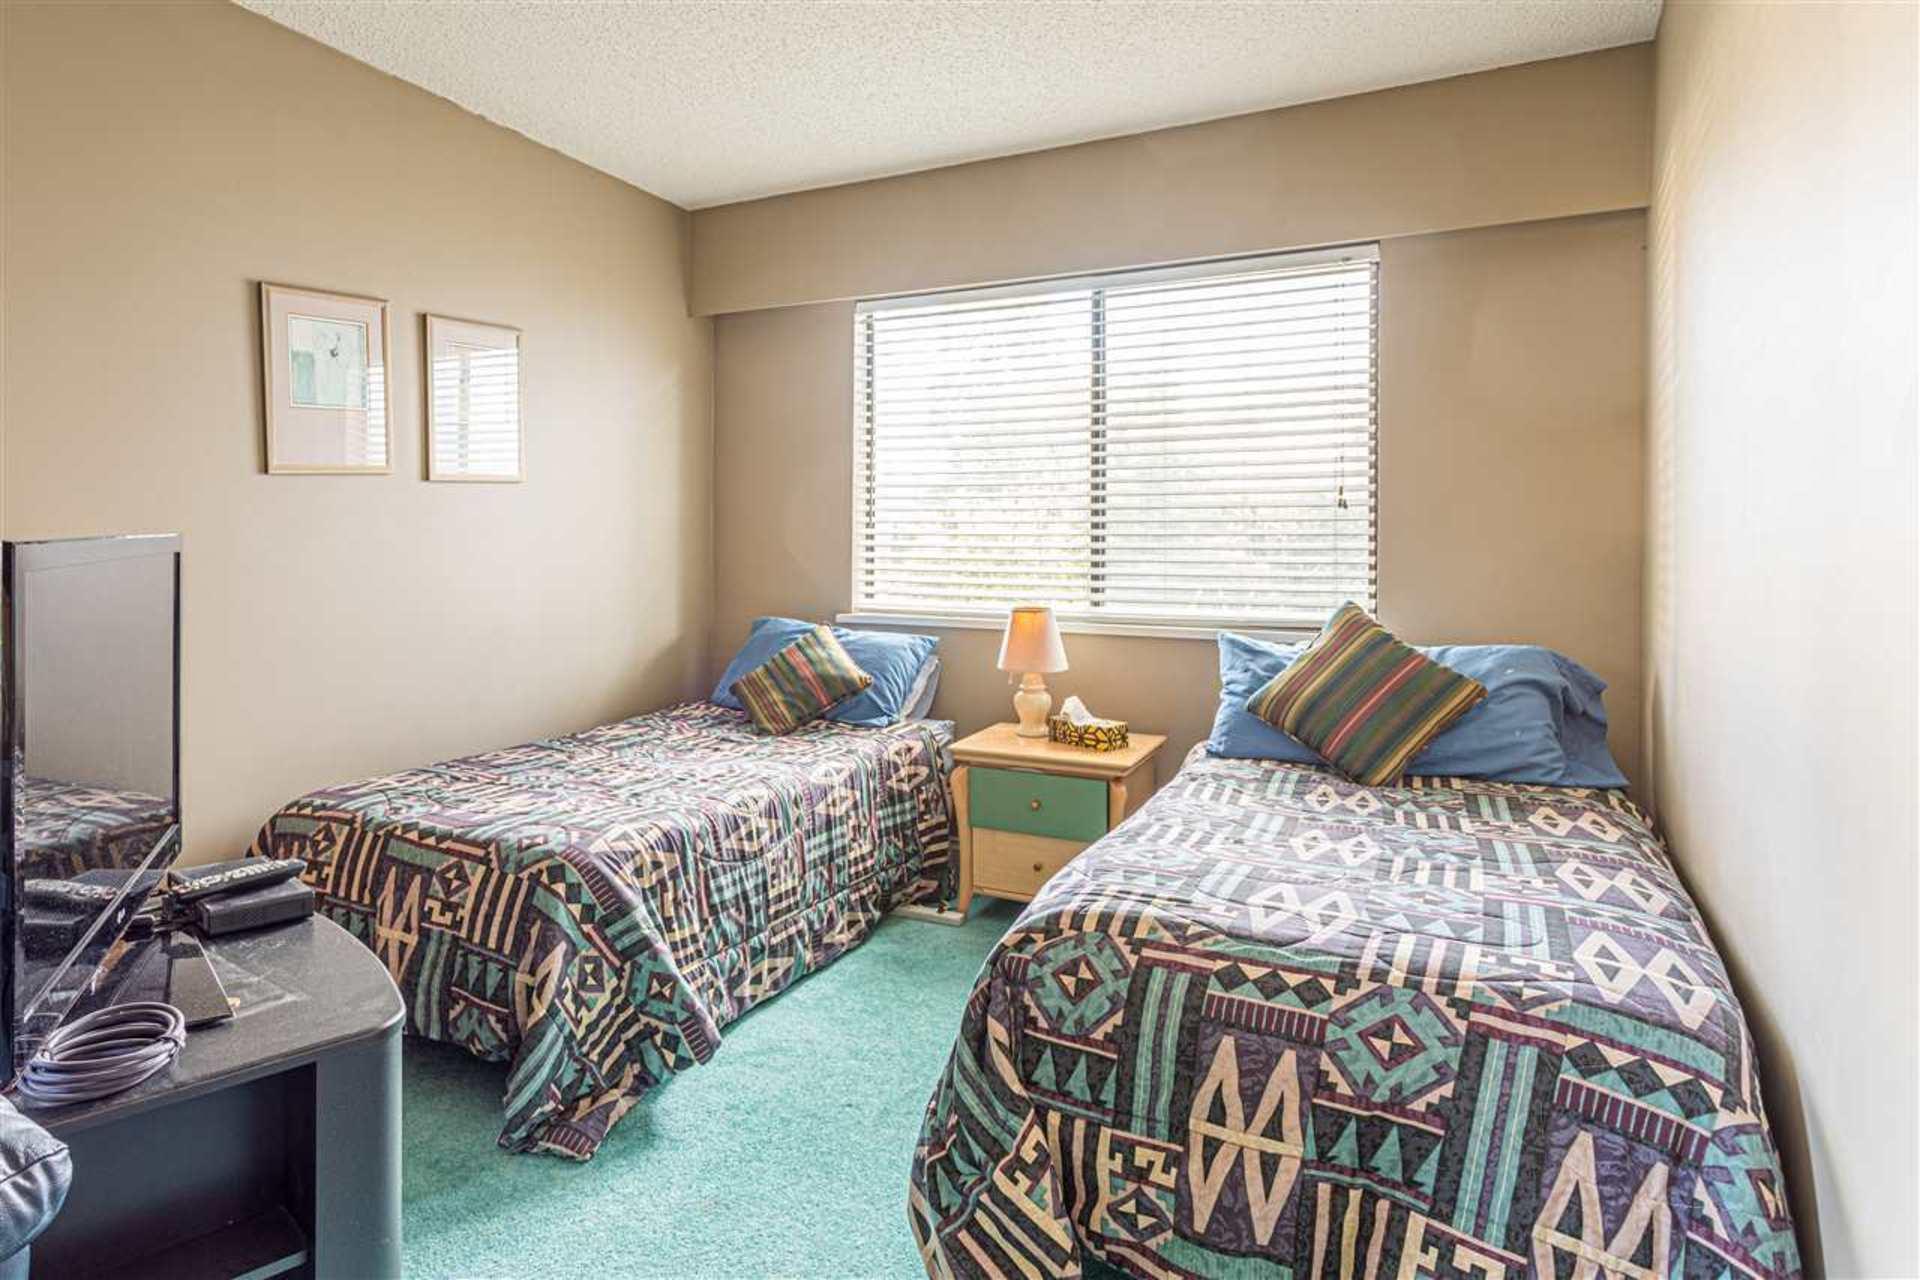 1200-cottonwood-avenue-central-coquitlam-coquitlam-11 at 1200 Cottonwood Avenue, Central Coquitlam, Coquitlam